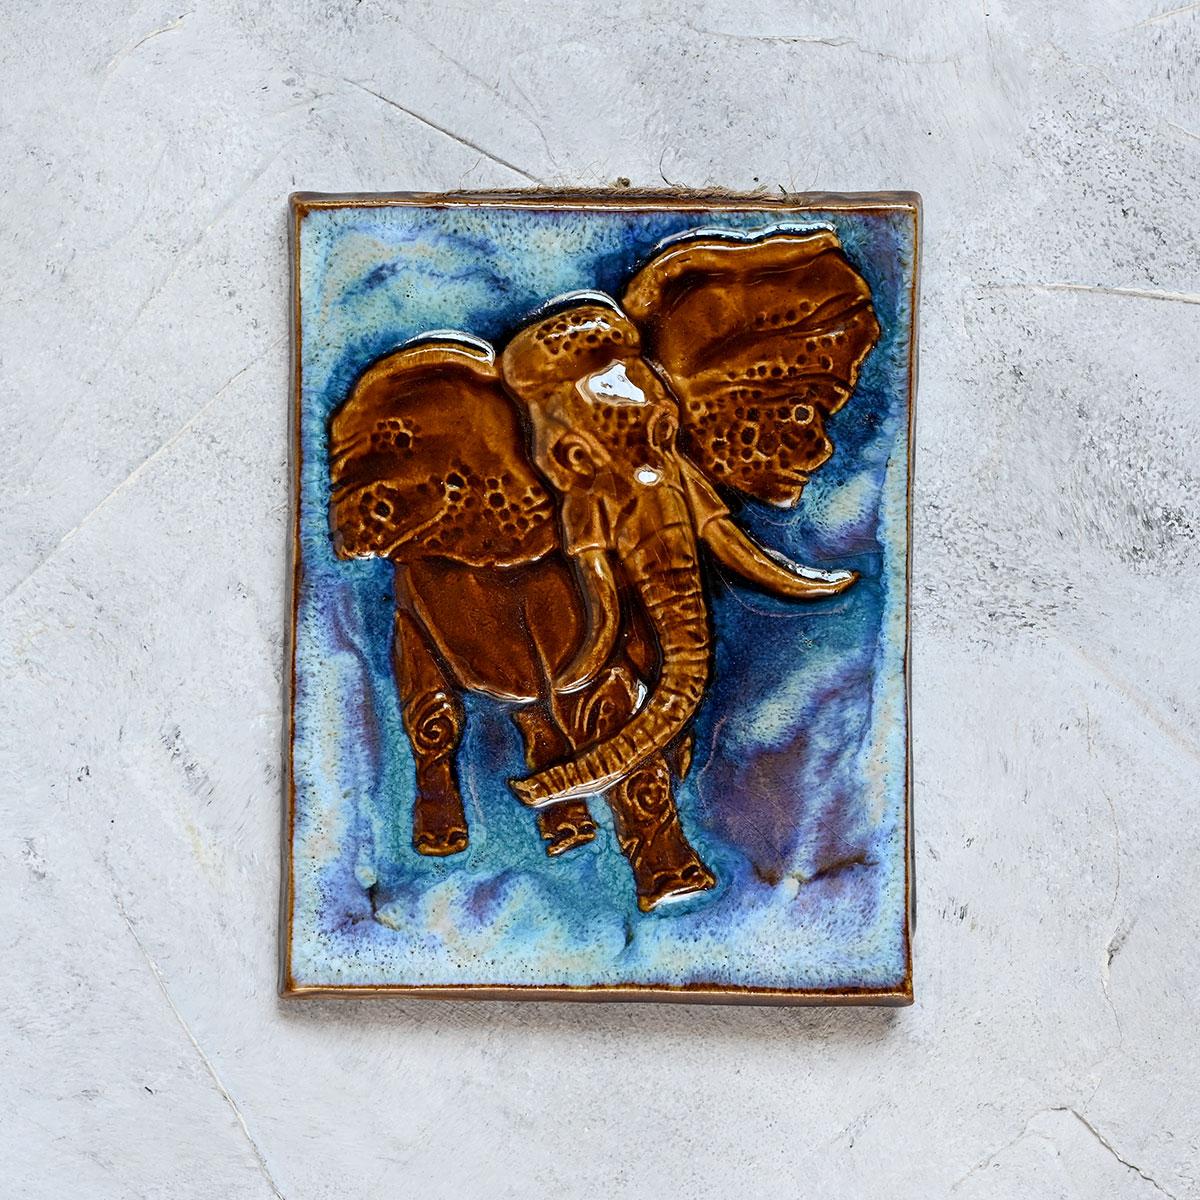 """картинка Изразец ручной работы """"Слон"""" малый - DishWishes.Ru"""